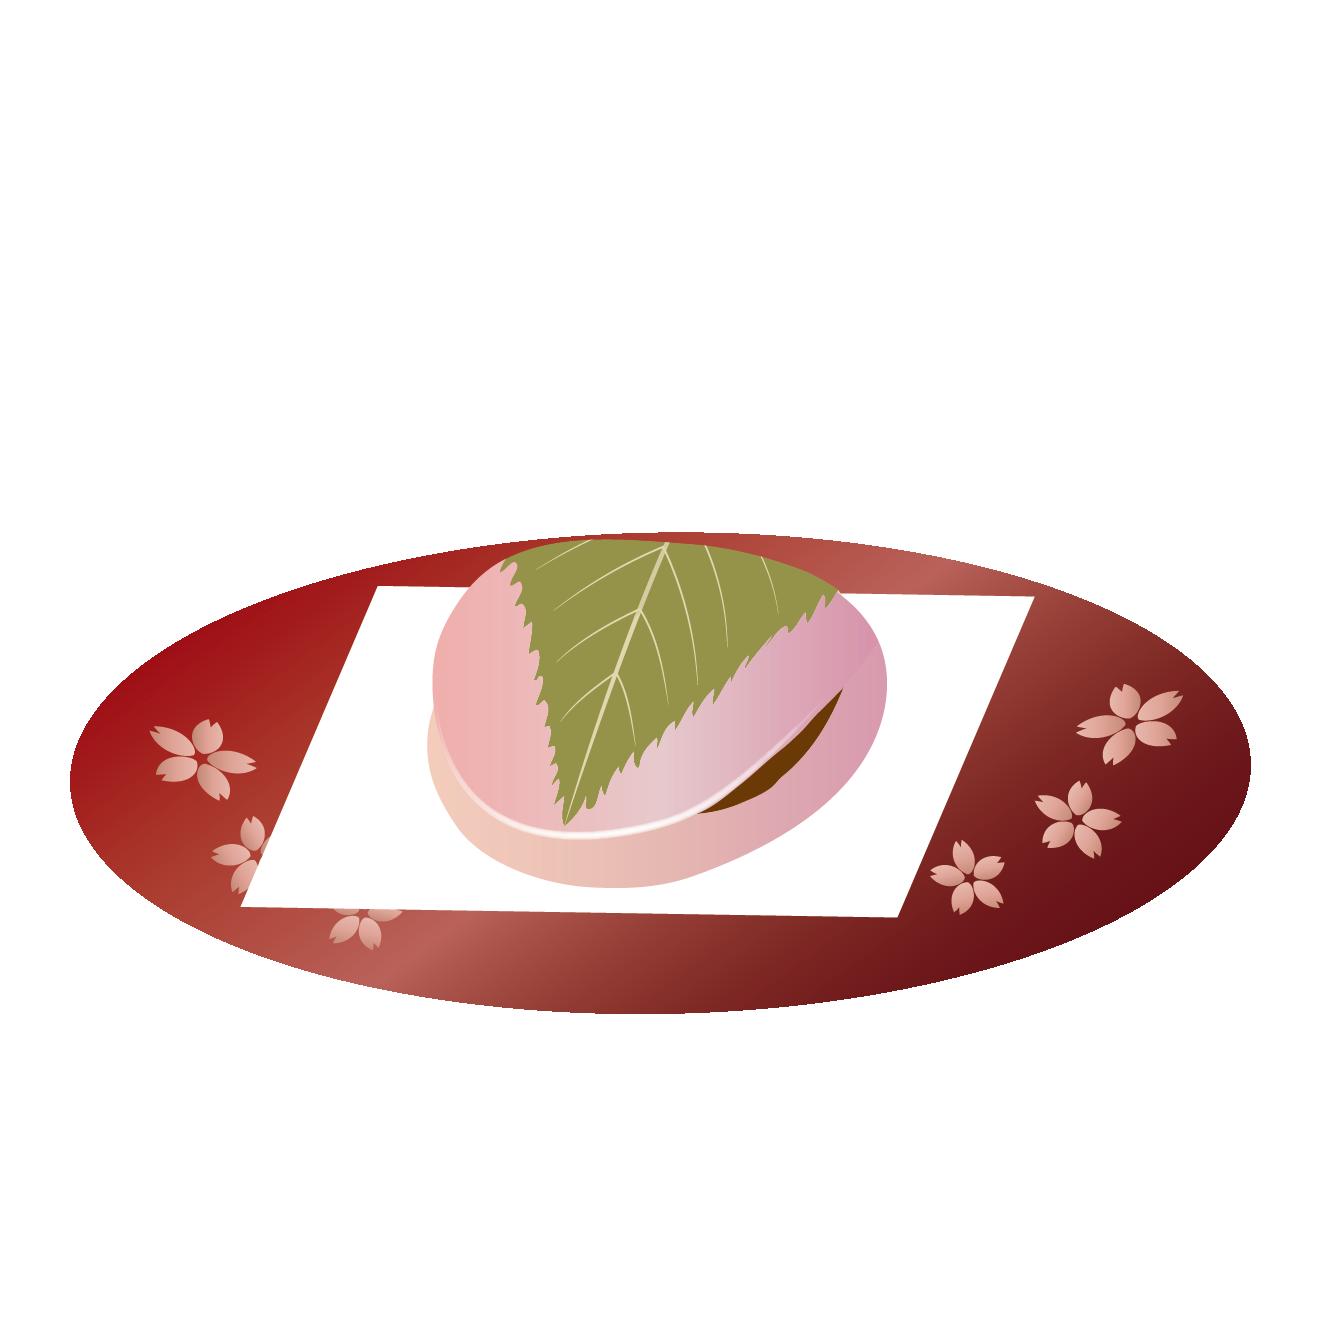 さくら餅 の フリー イラスト【関東風・長命寺(ちょうめいじ)】